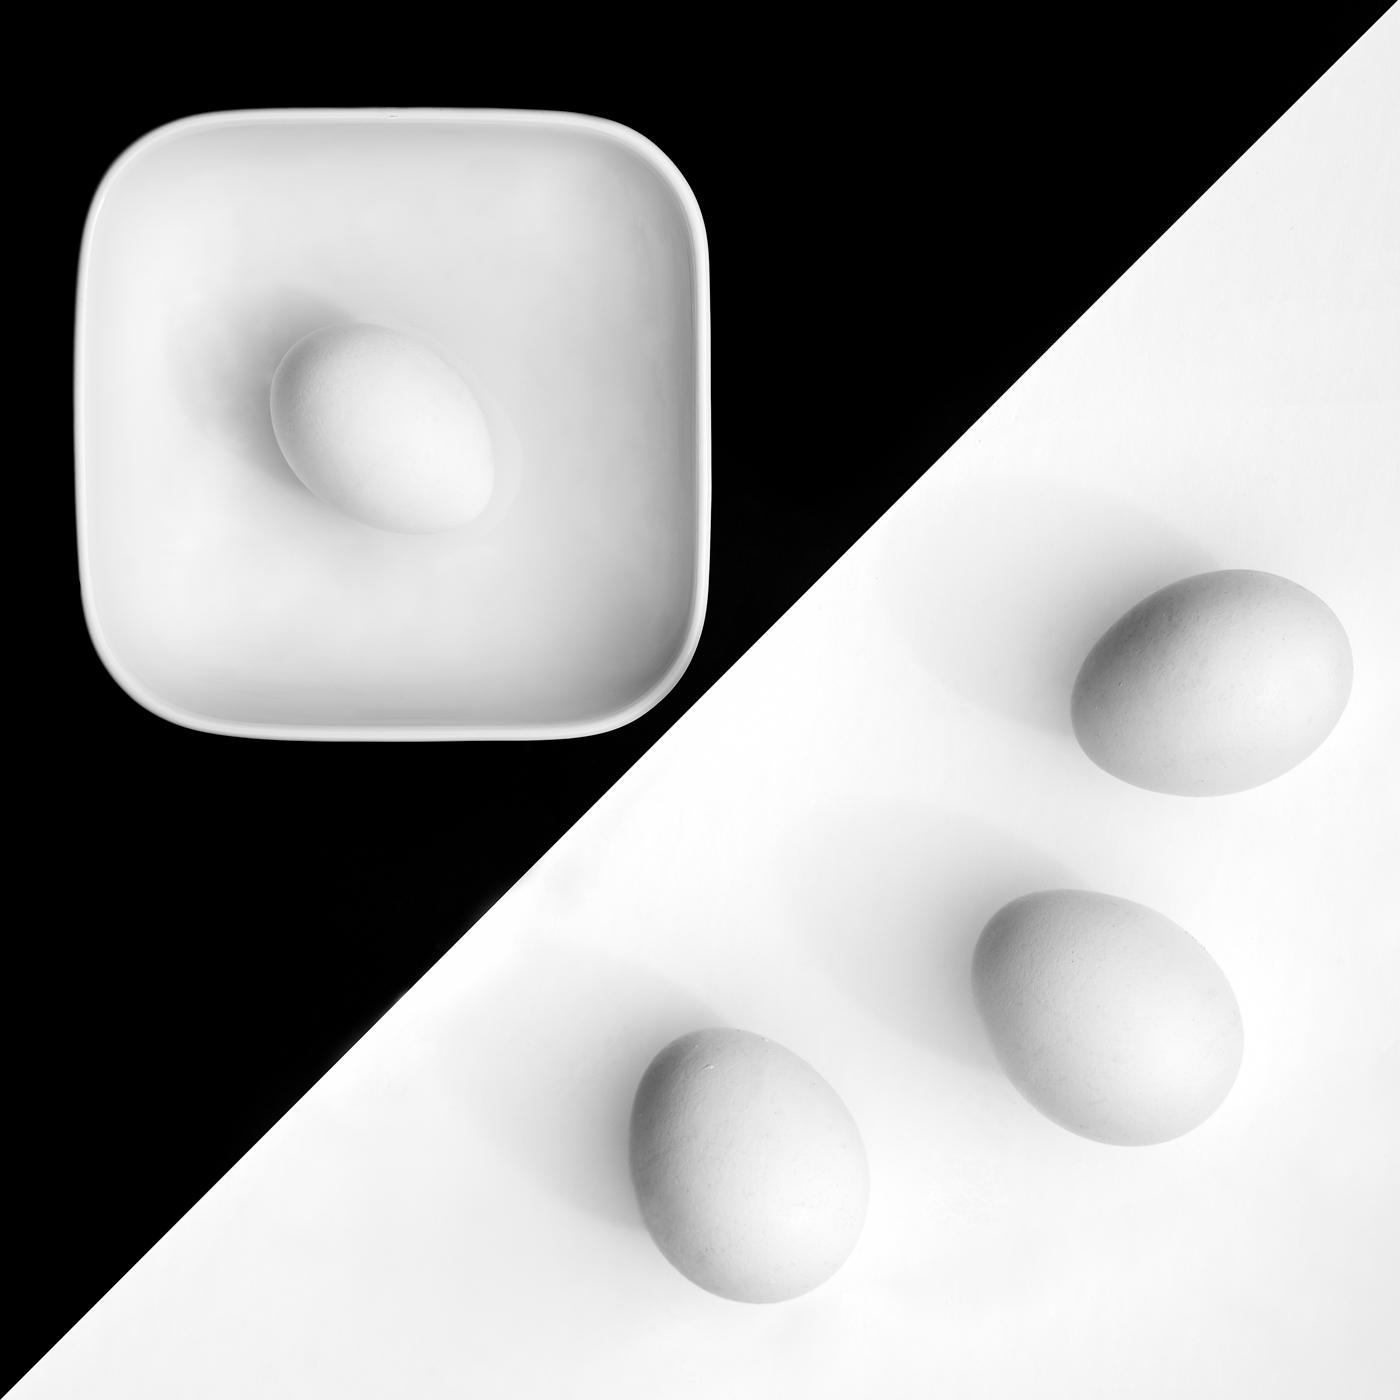 Eier und Schale | © Irmgard Crispin